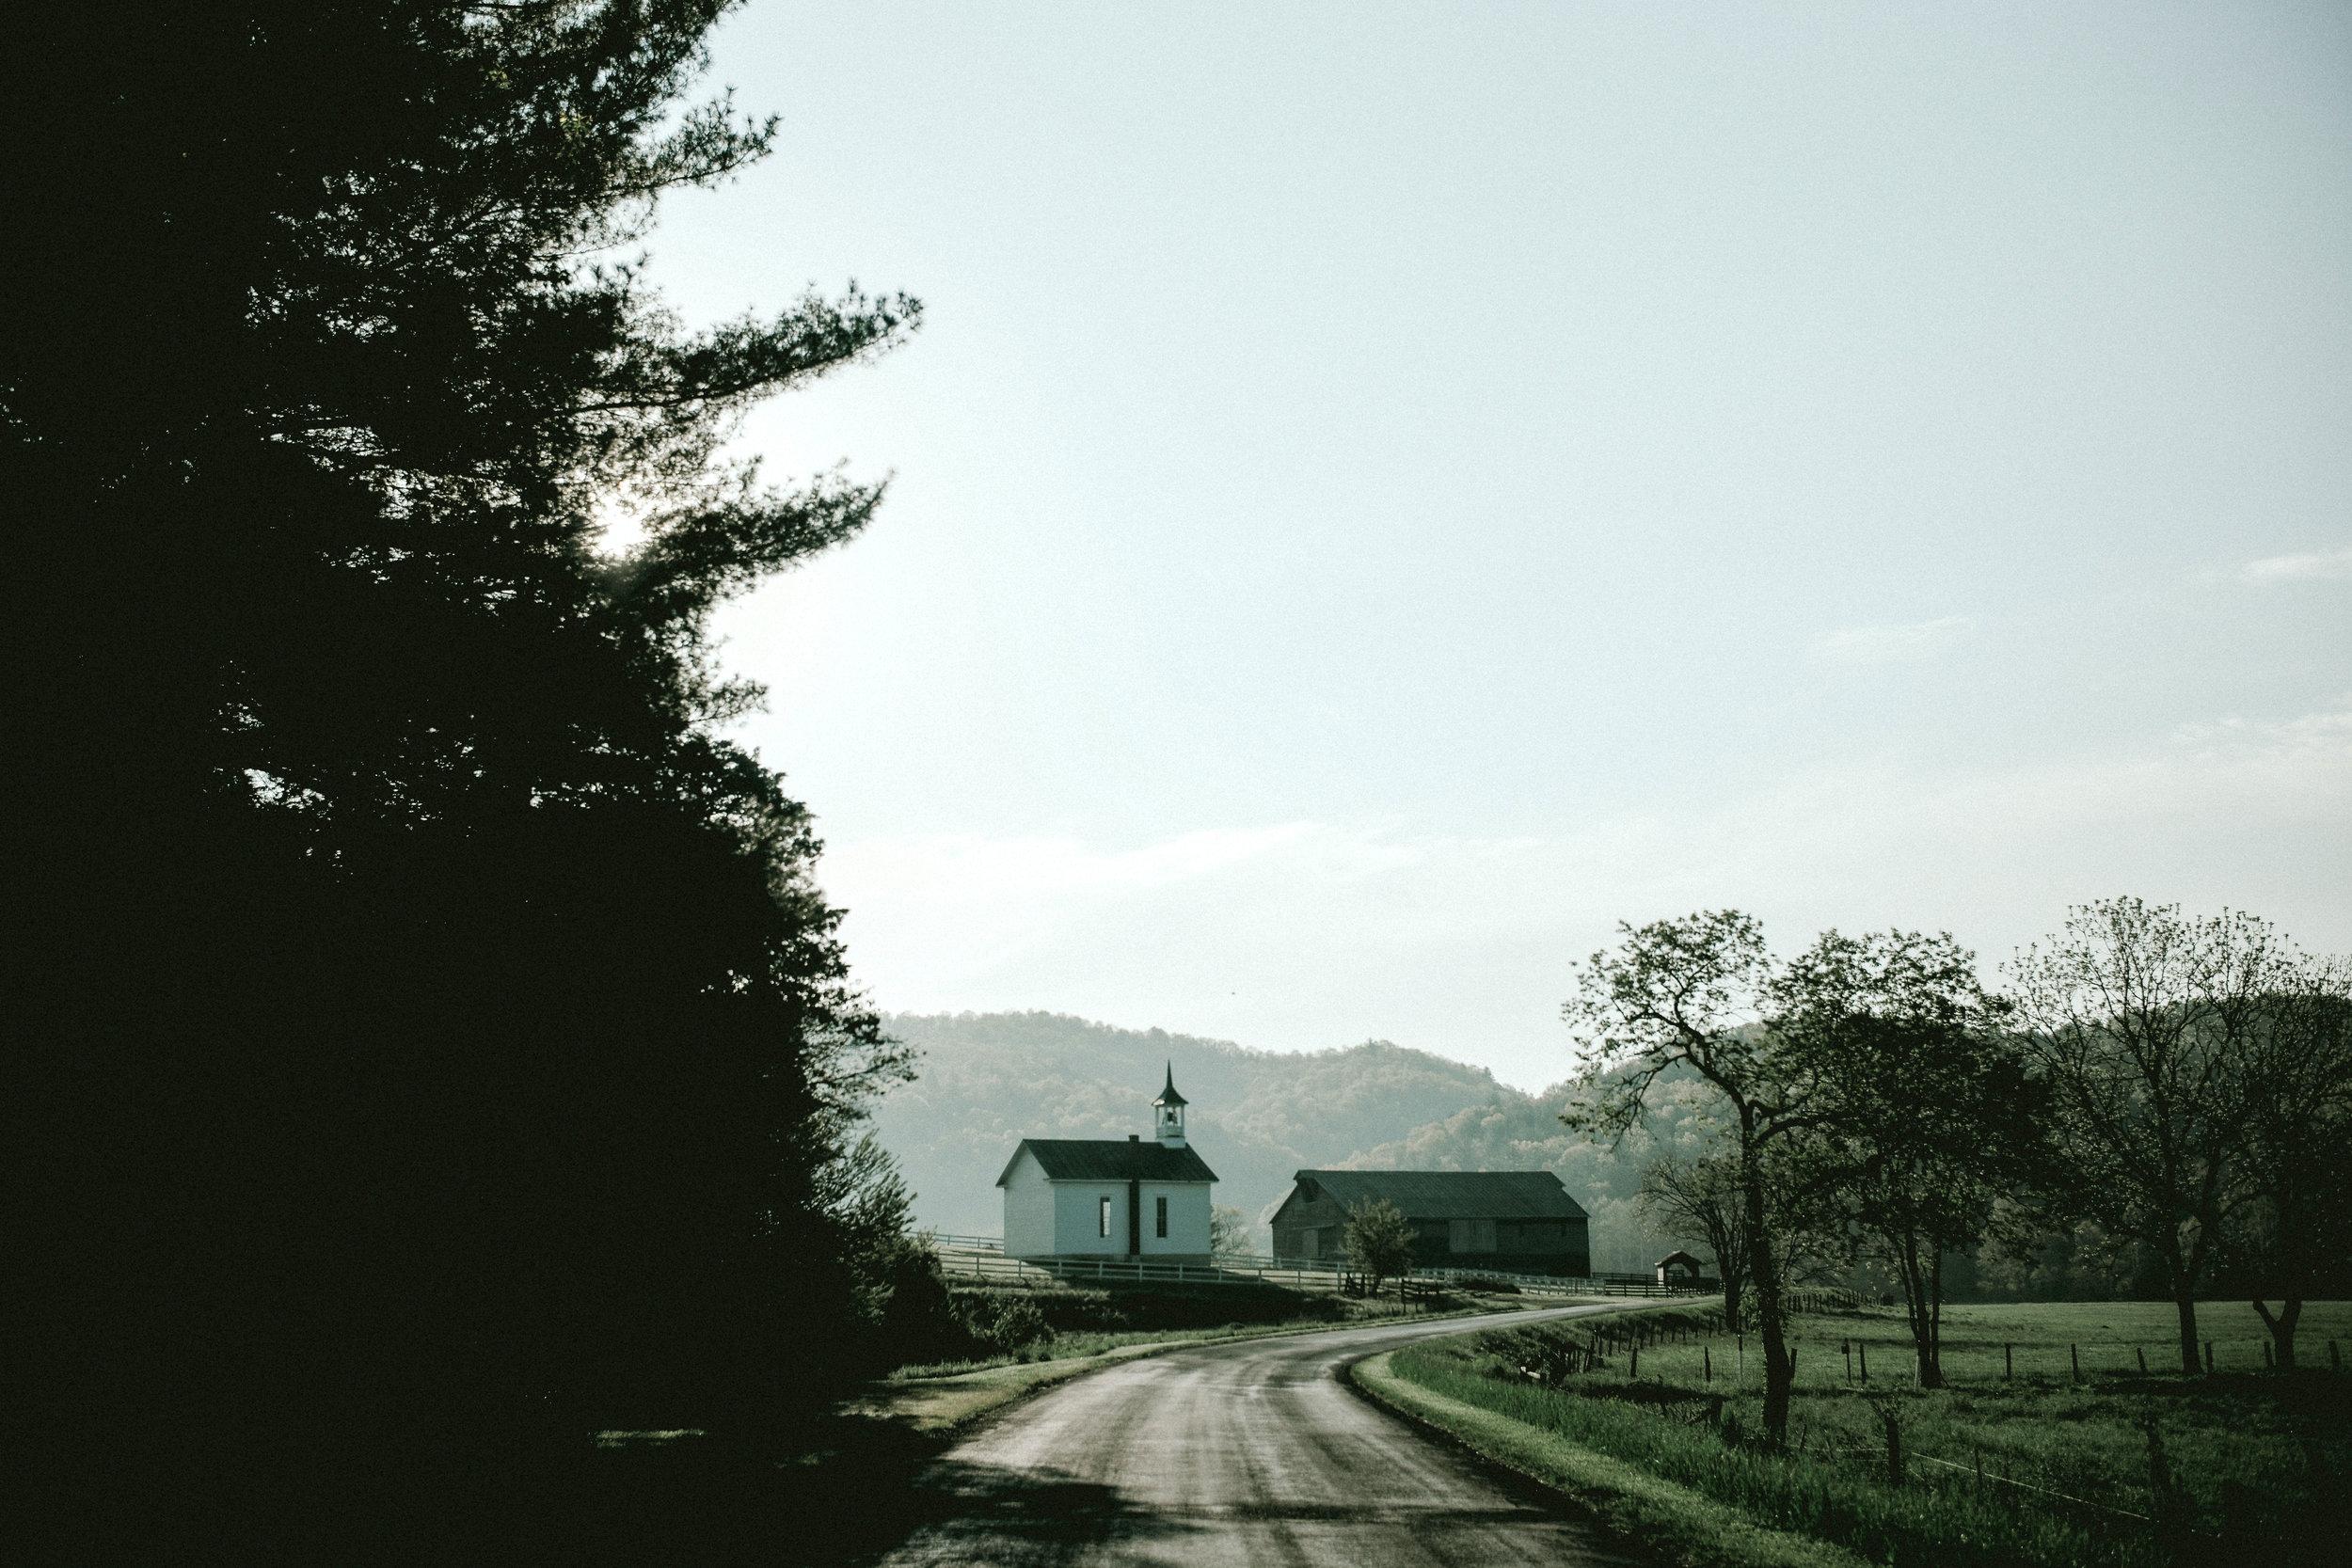 kw-clovercreek-blog-img55.jpg